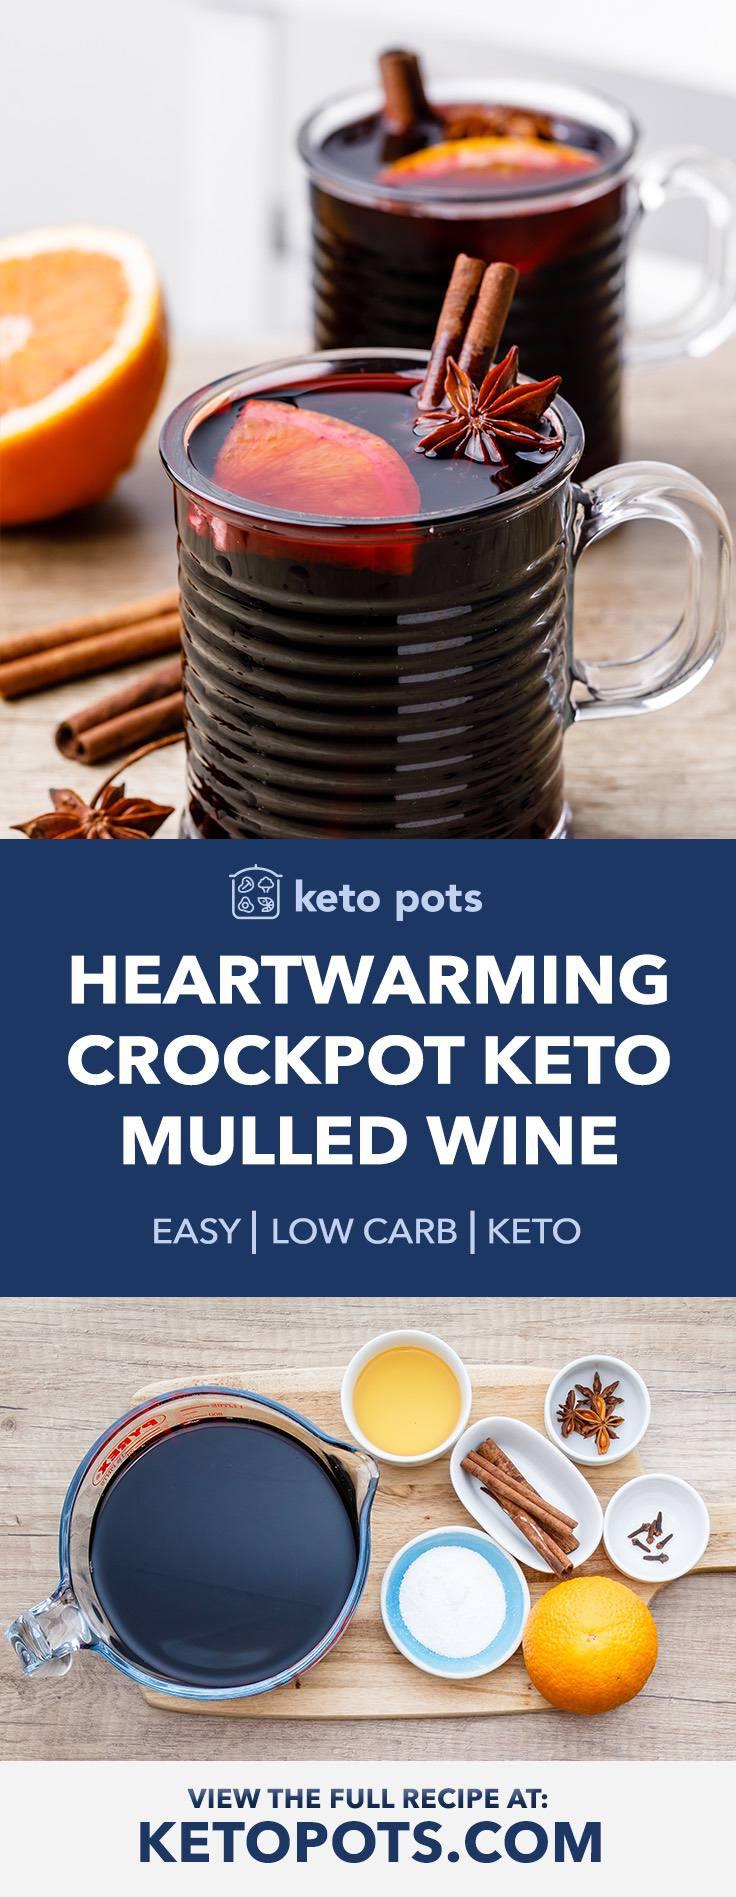 Heartwarming Crockpot Keto Mulled Wine